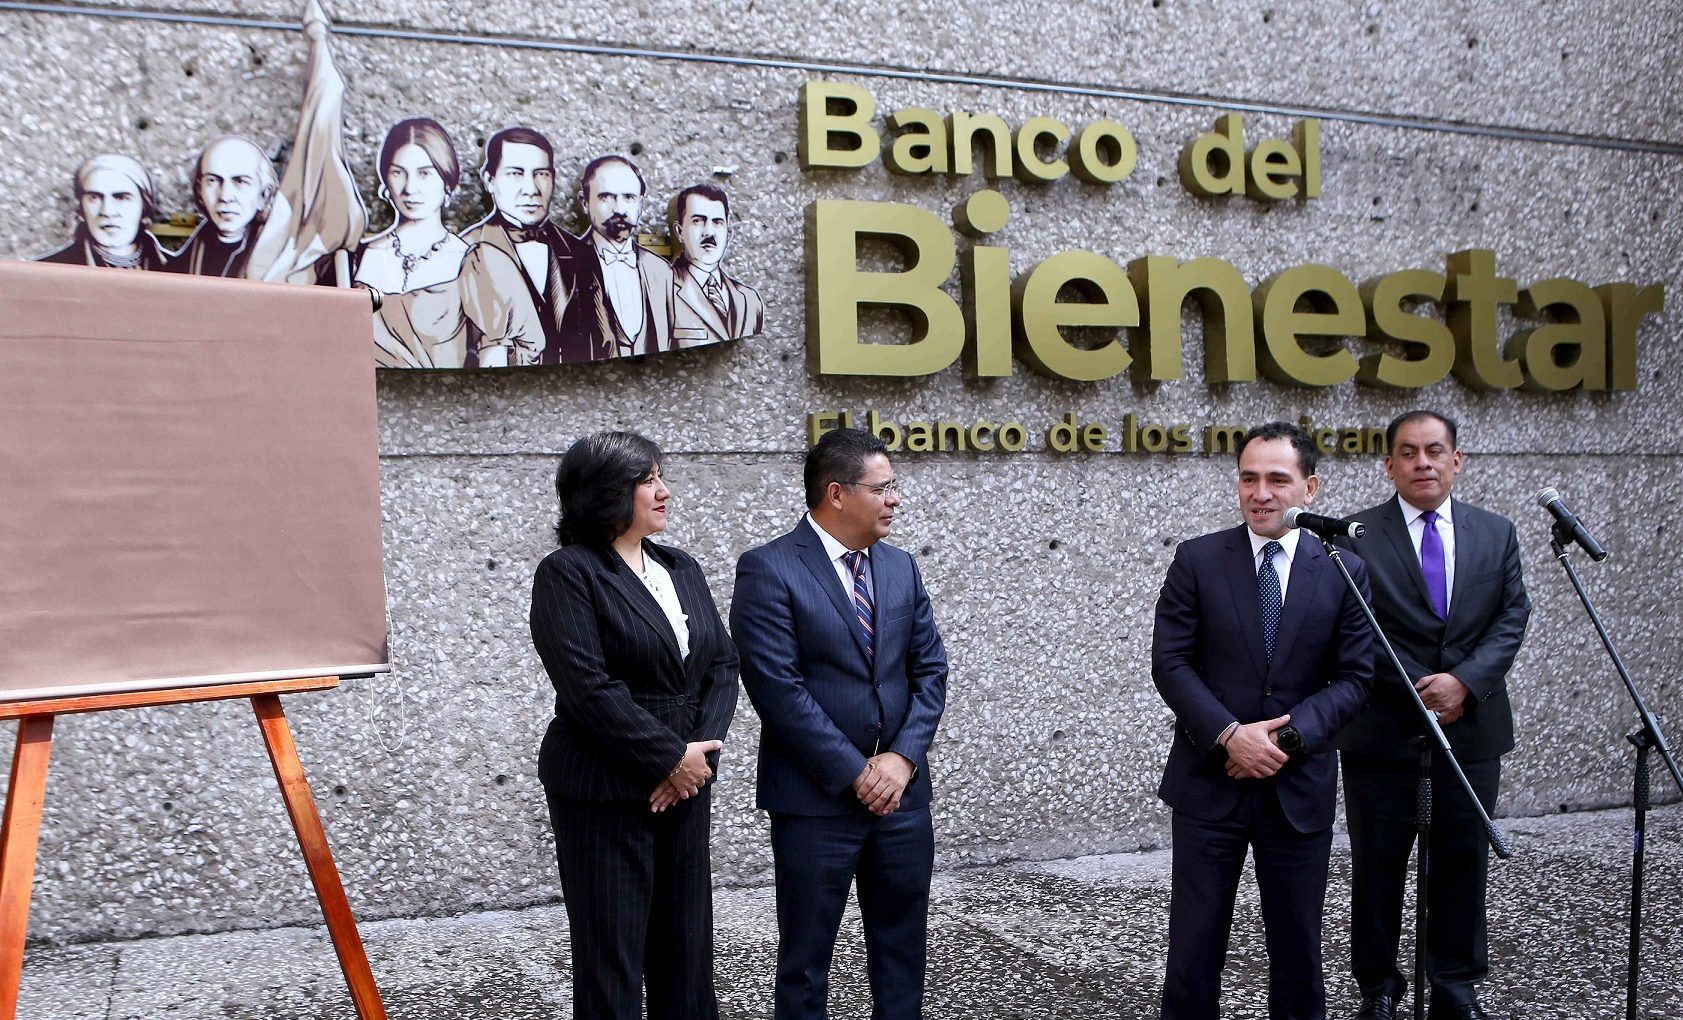 Con 'ahorros de fin de año' se construirán sucursales de Banco del Bienestar